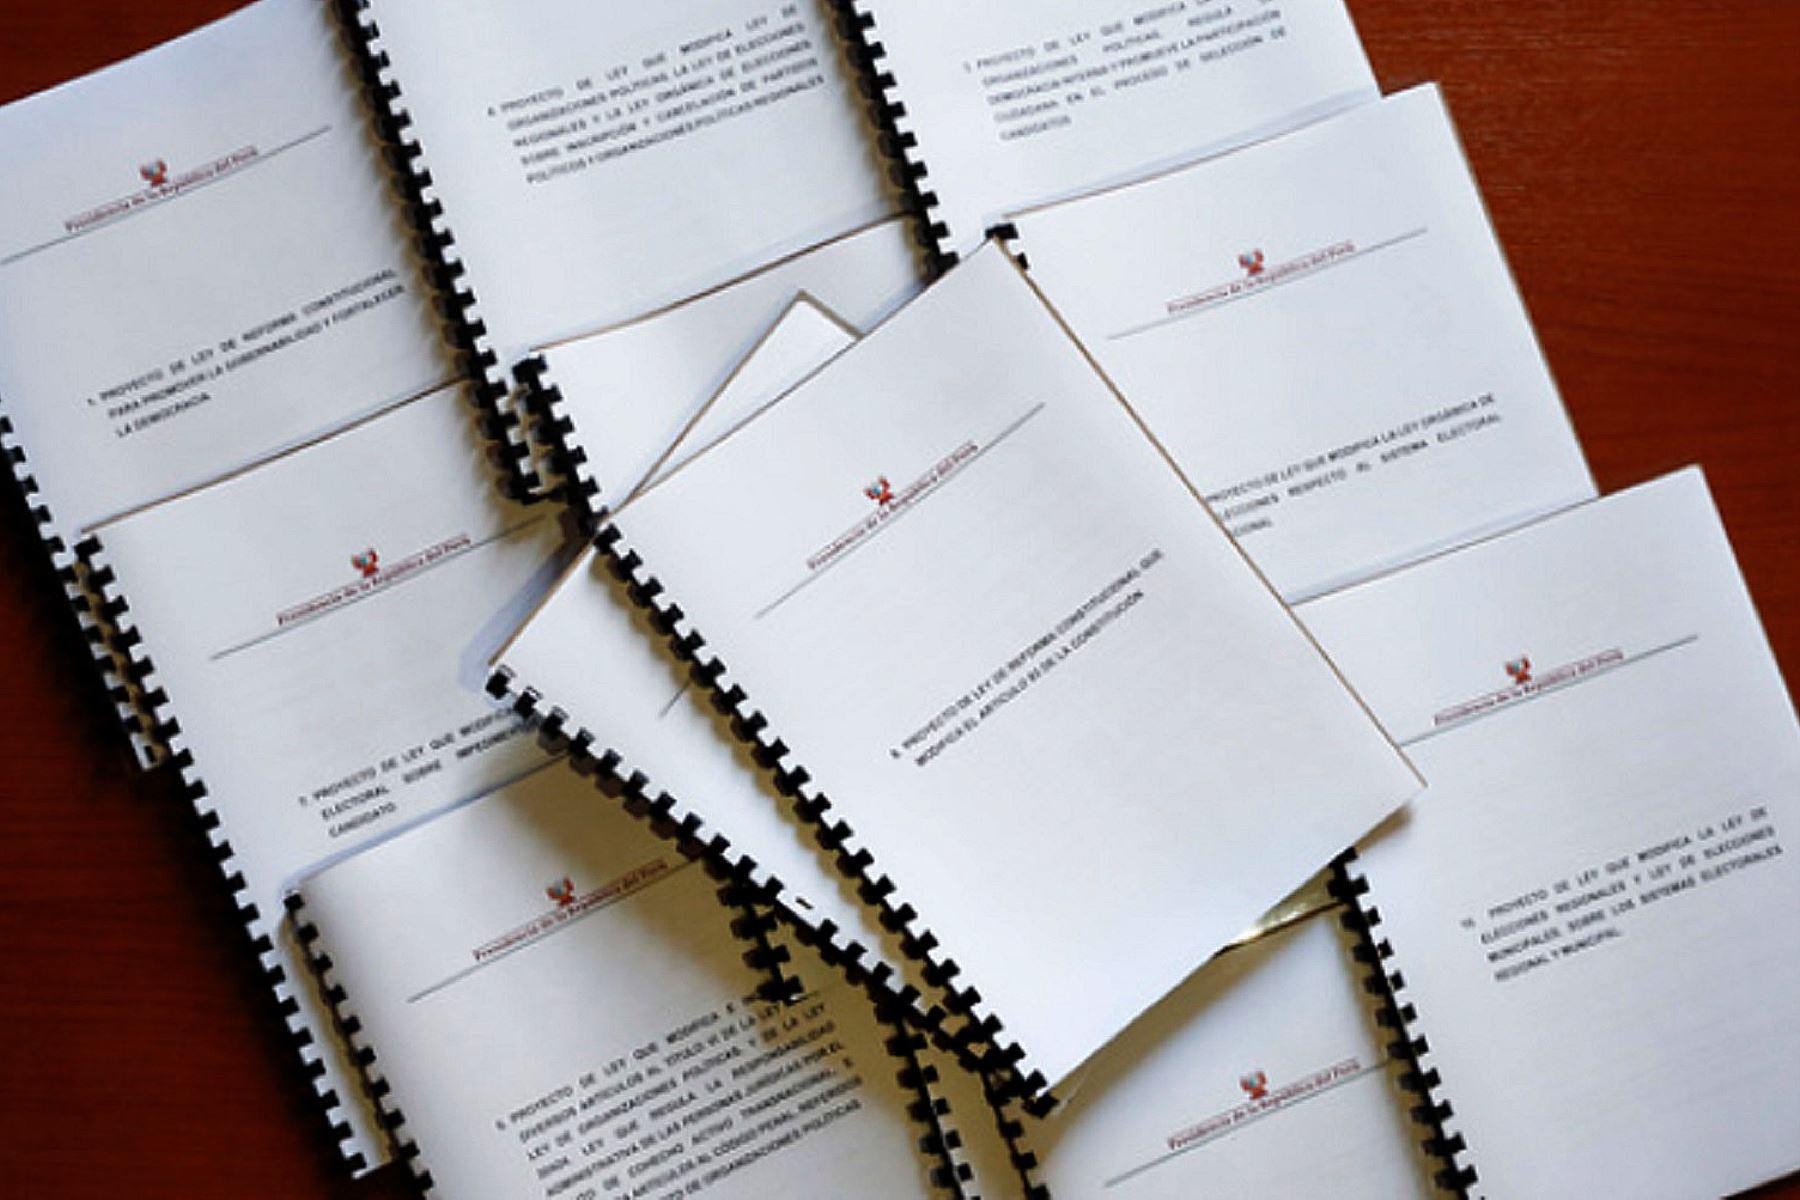 Poder Ejecutivo presentó al Congreso 12 proyectos de ley de reforma política